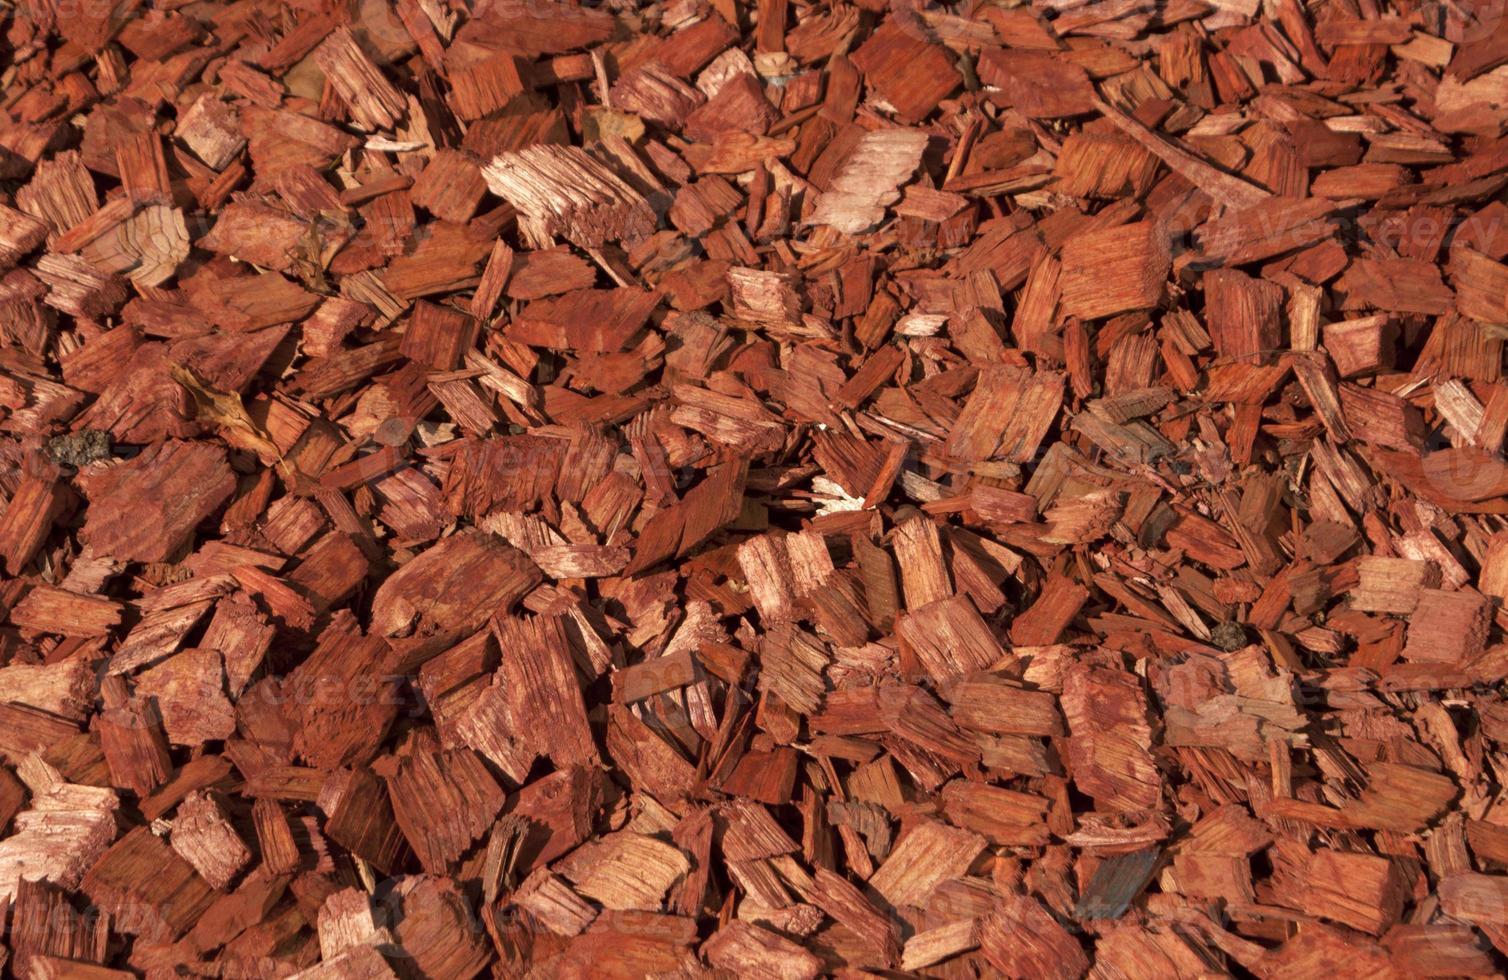 trama di trucioli di legno rosso e arancione. foto